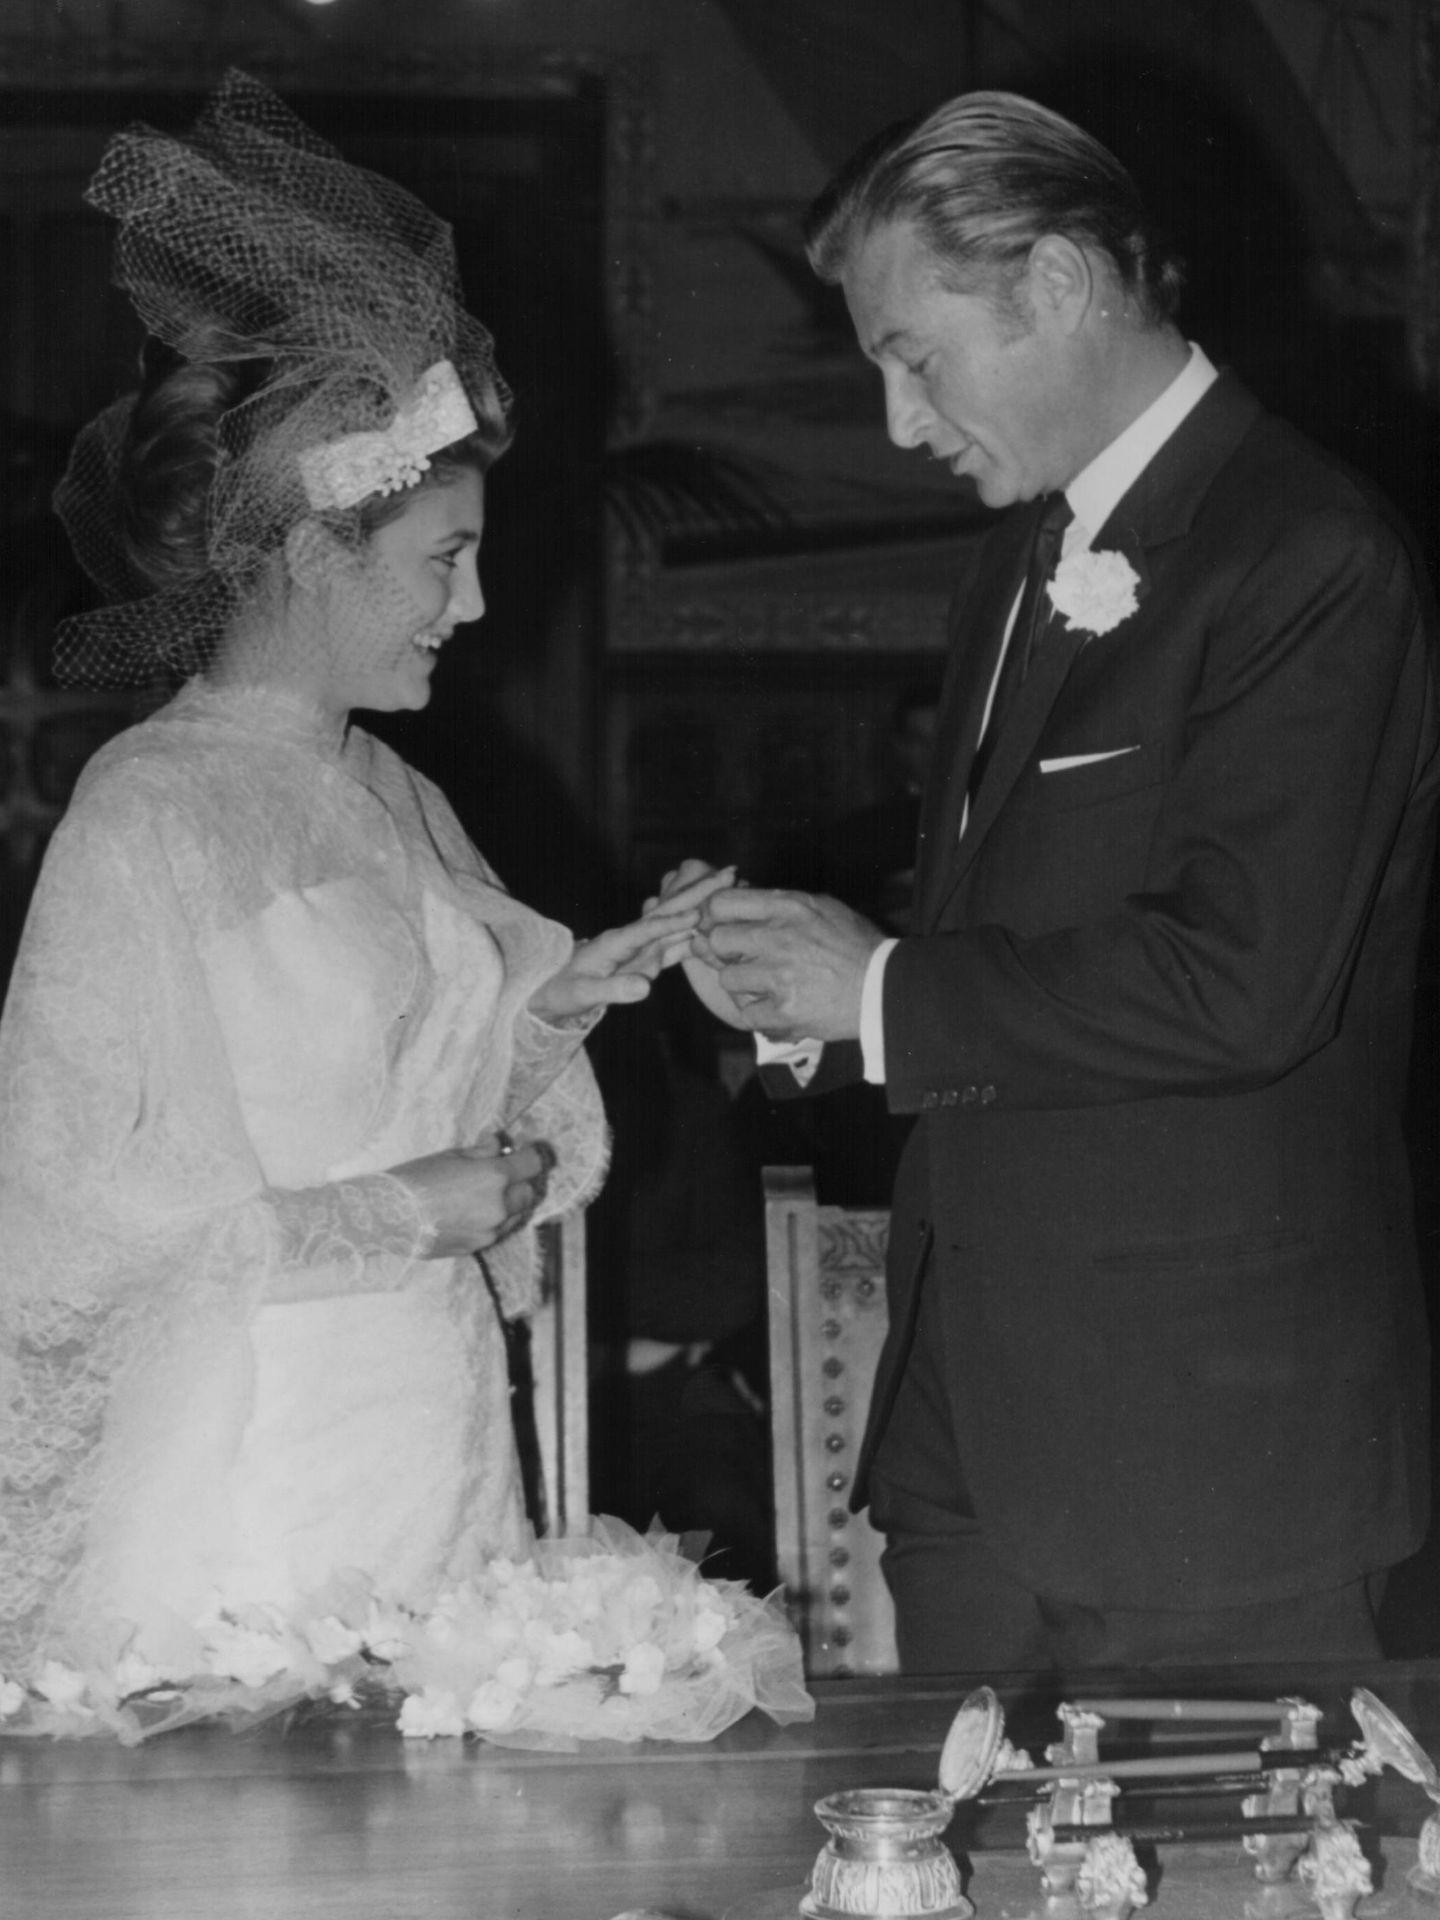 Boda de Lex Barker y Carmen Cervera en Ginebra en 1965. (Getty)